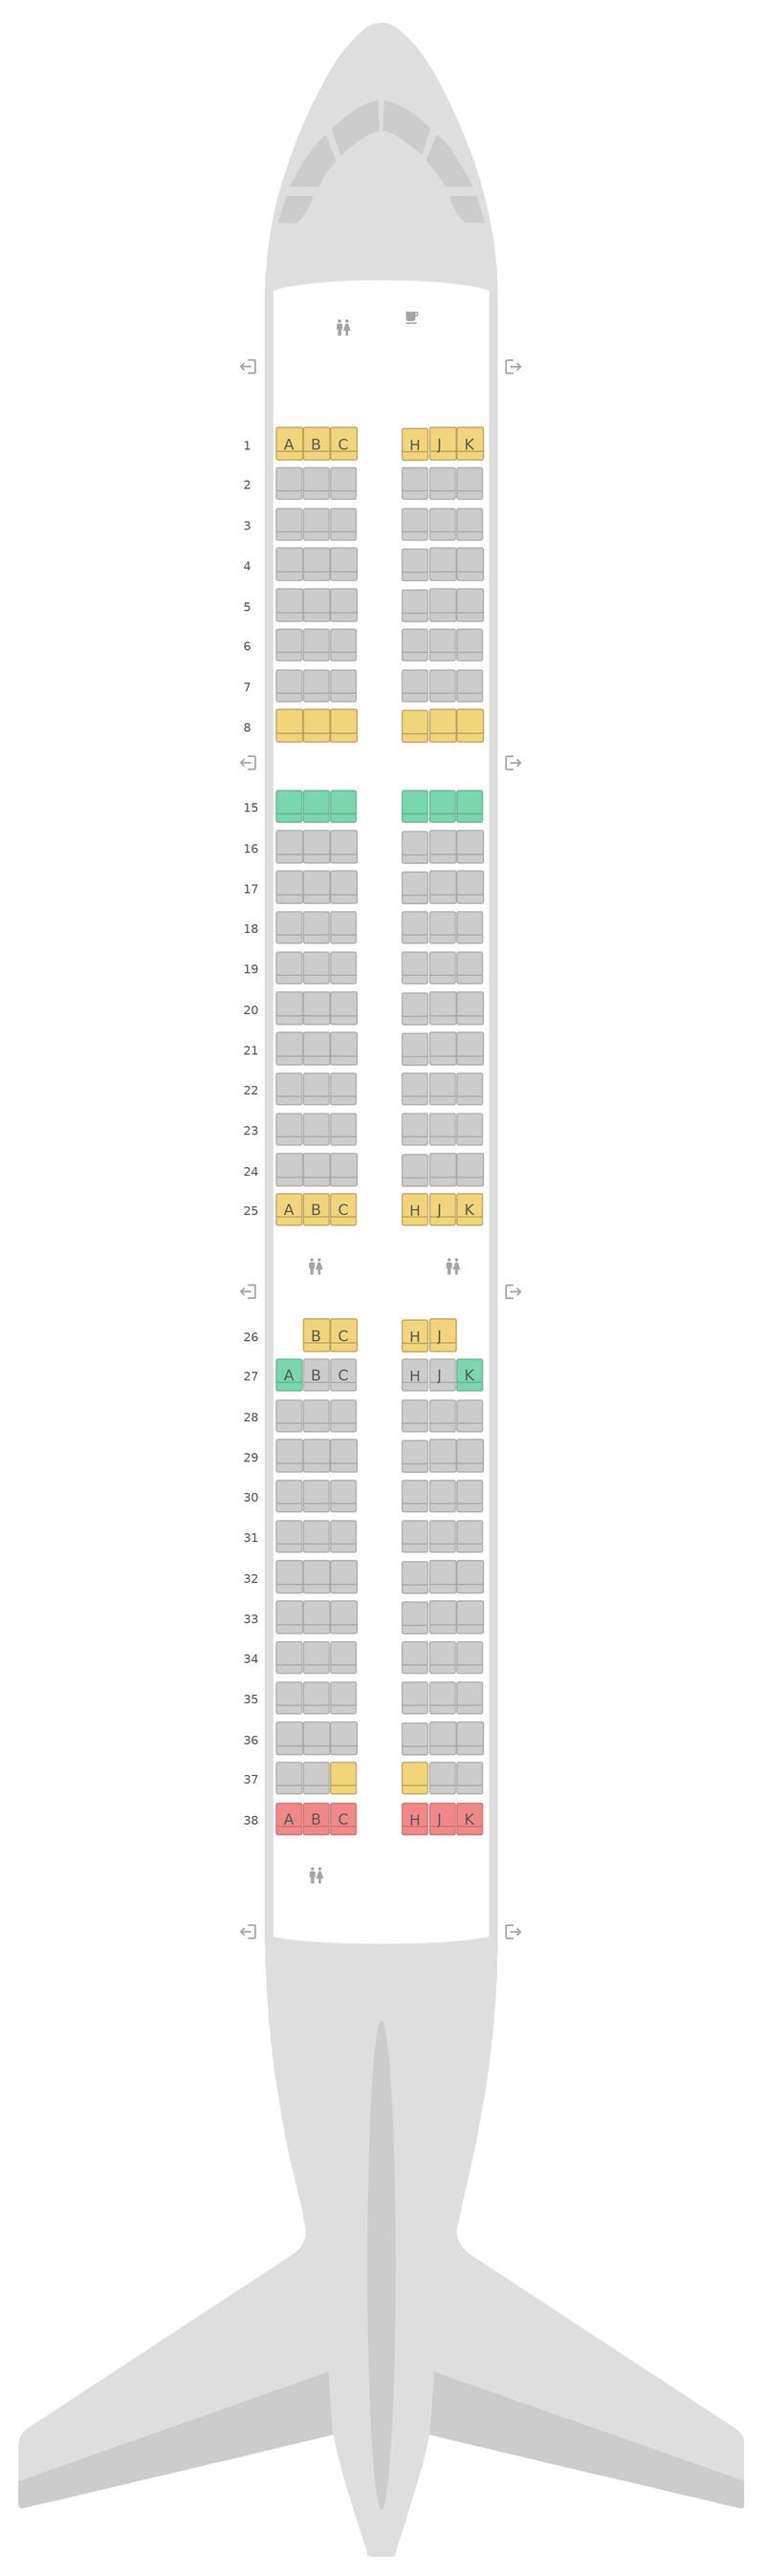 Sitzplan Airbus A321 Air Transat